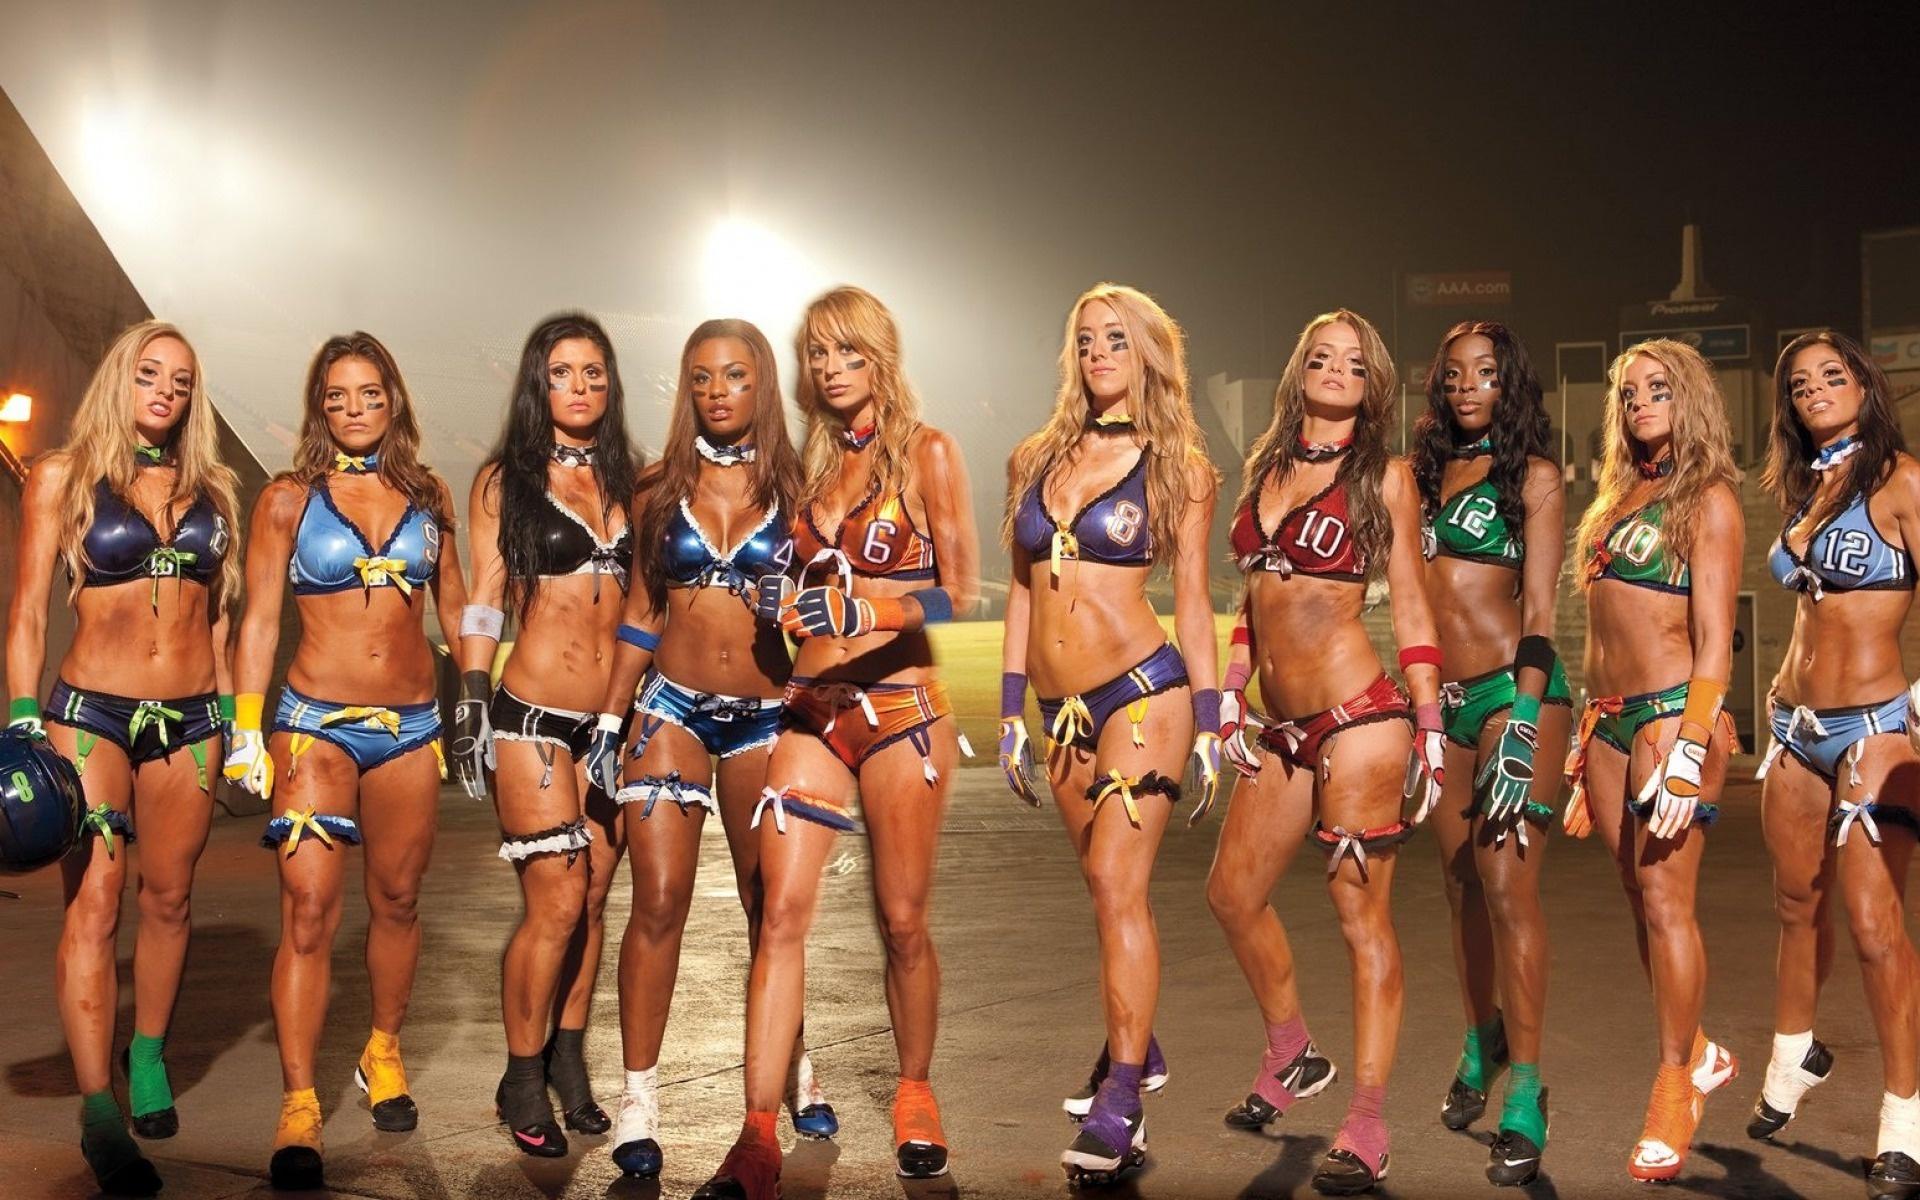 Фото женщин из раздевалки 20 фотография